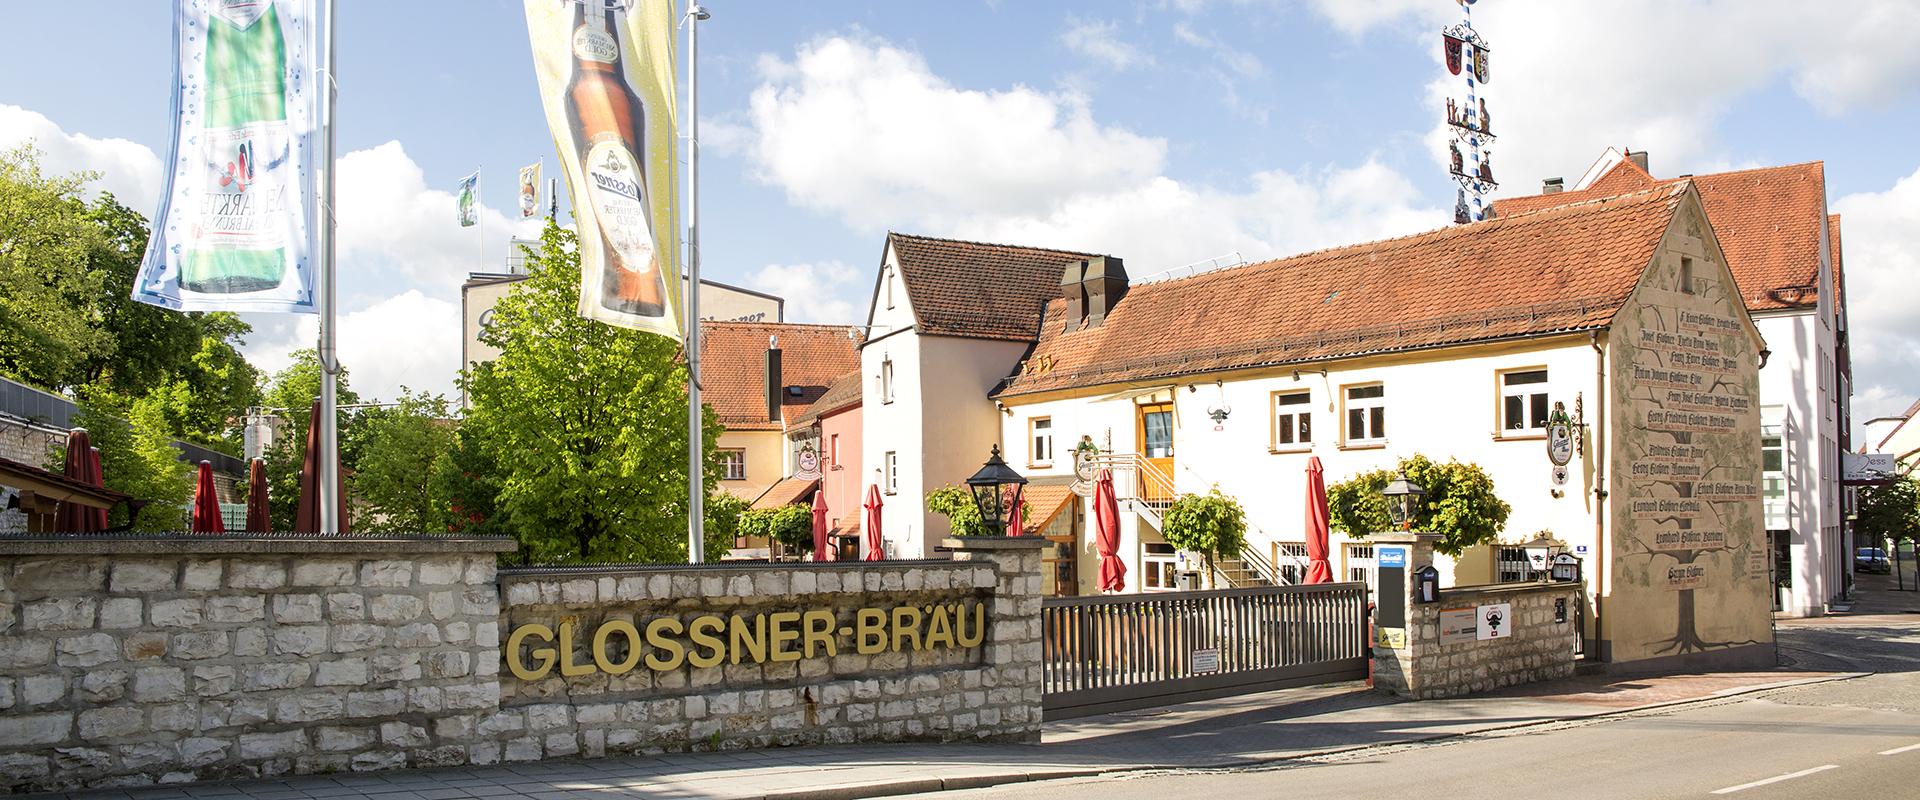 Neumarkter Glossnerbräu - Hochfeiner Biergenuss